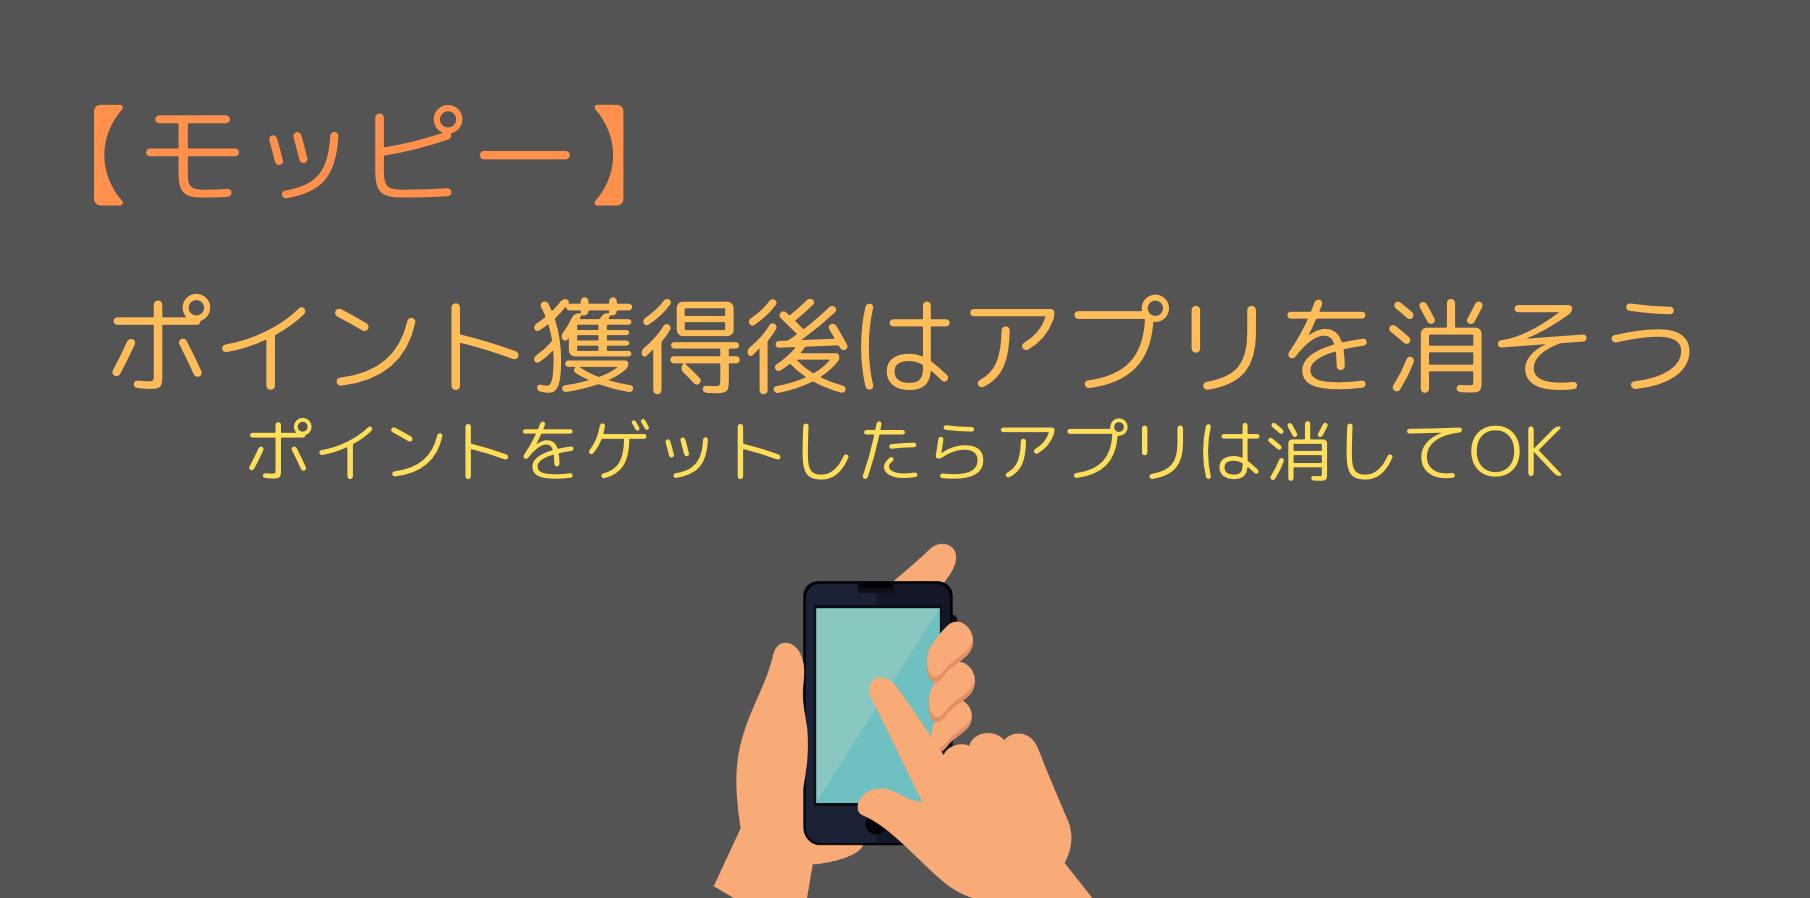 アプリのインストール後はすぐに消しても大丈夫